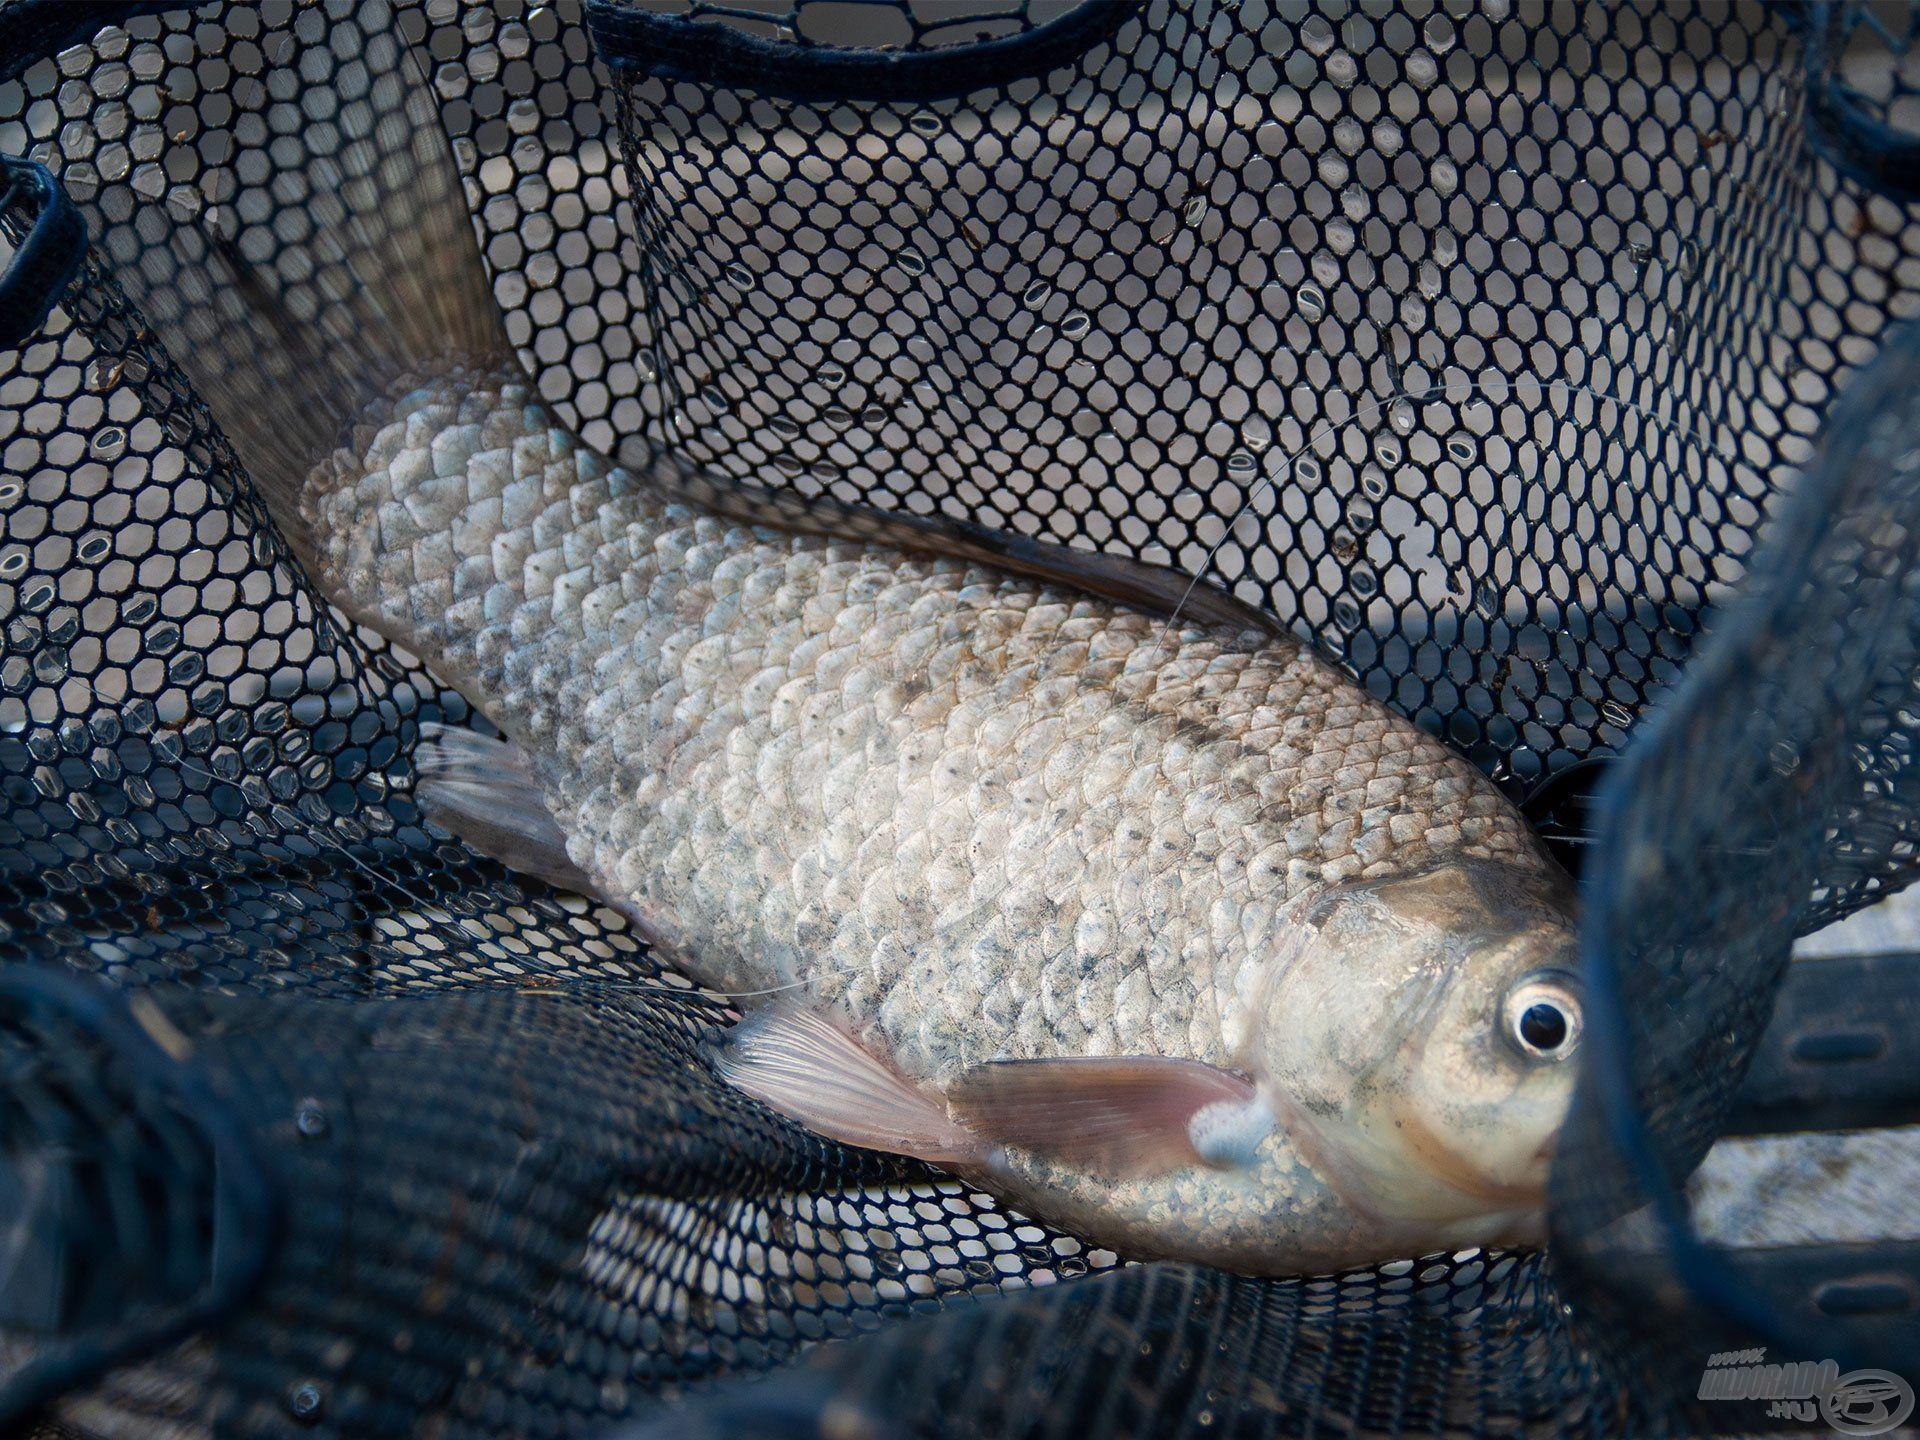 Végre én is fogtam egy halat